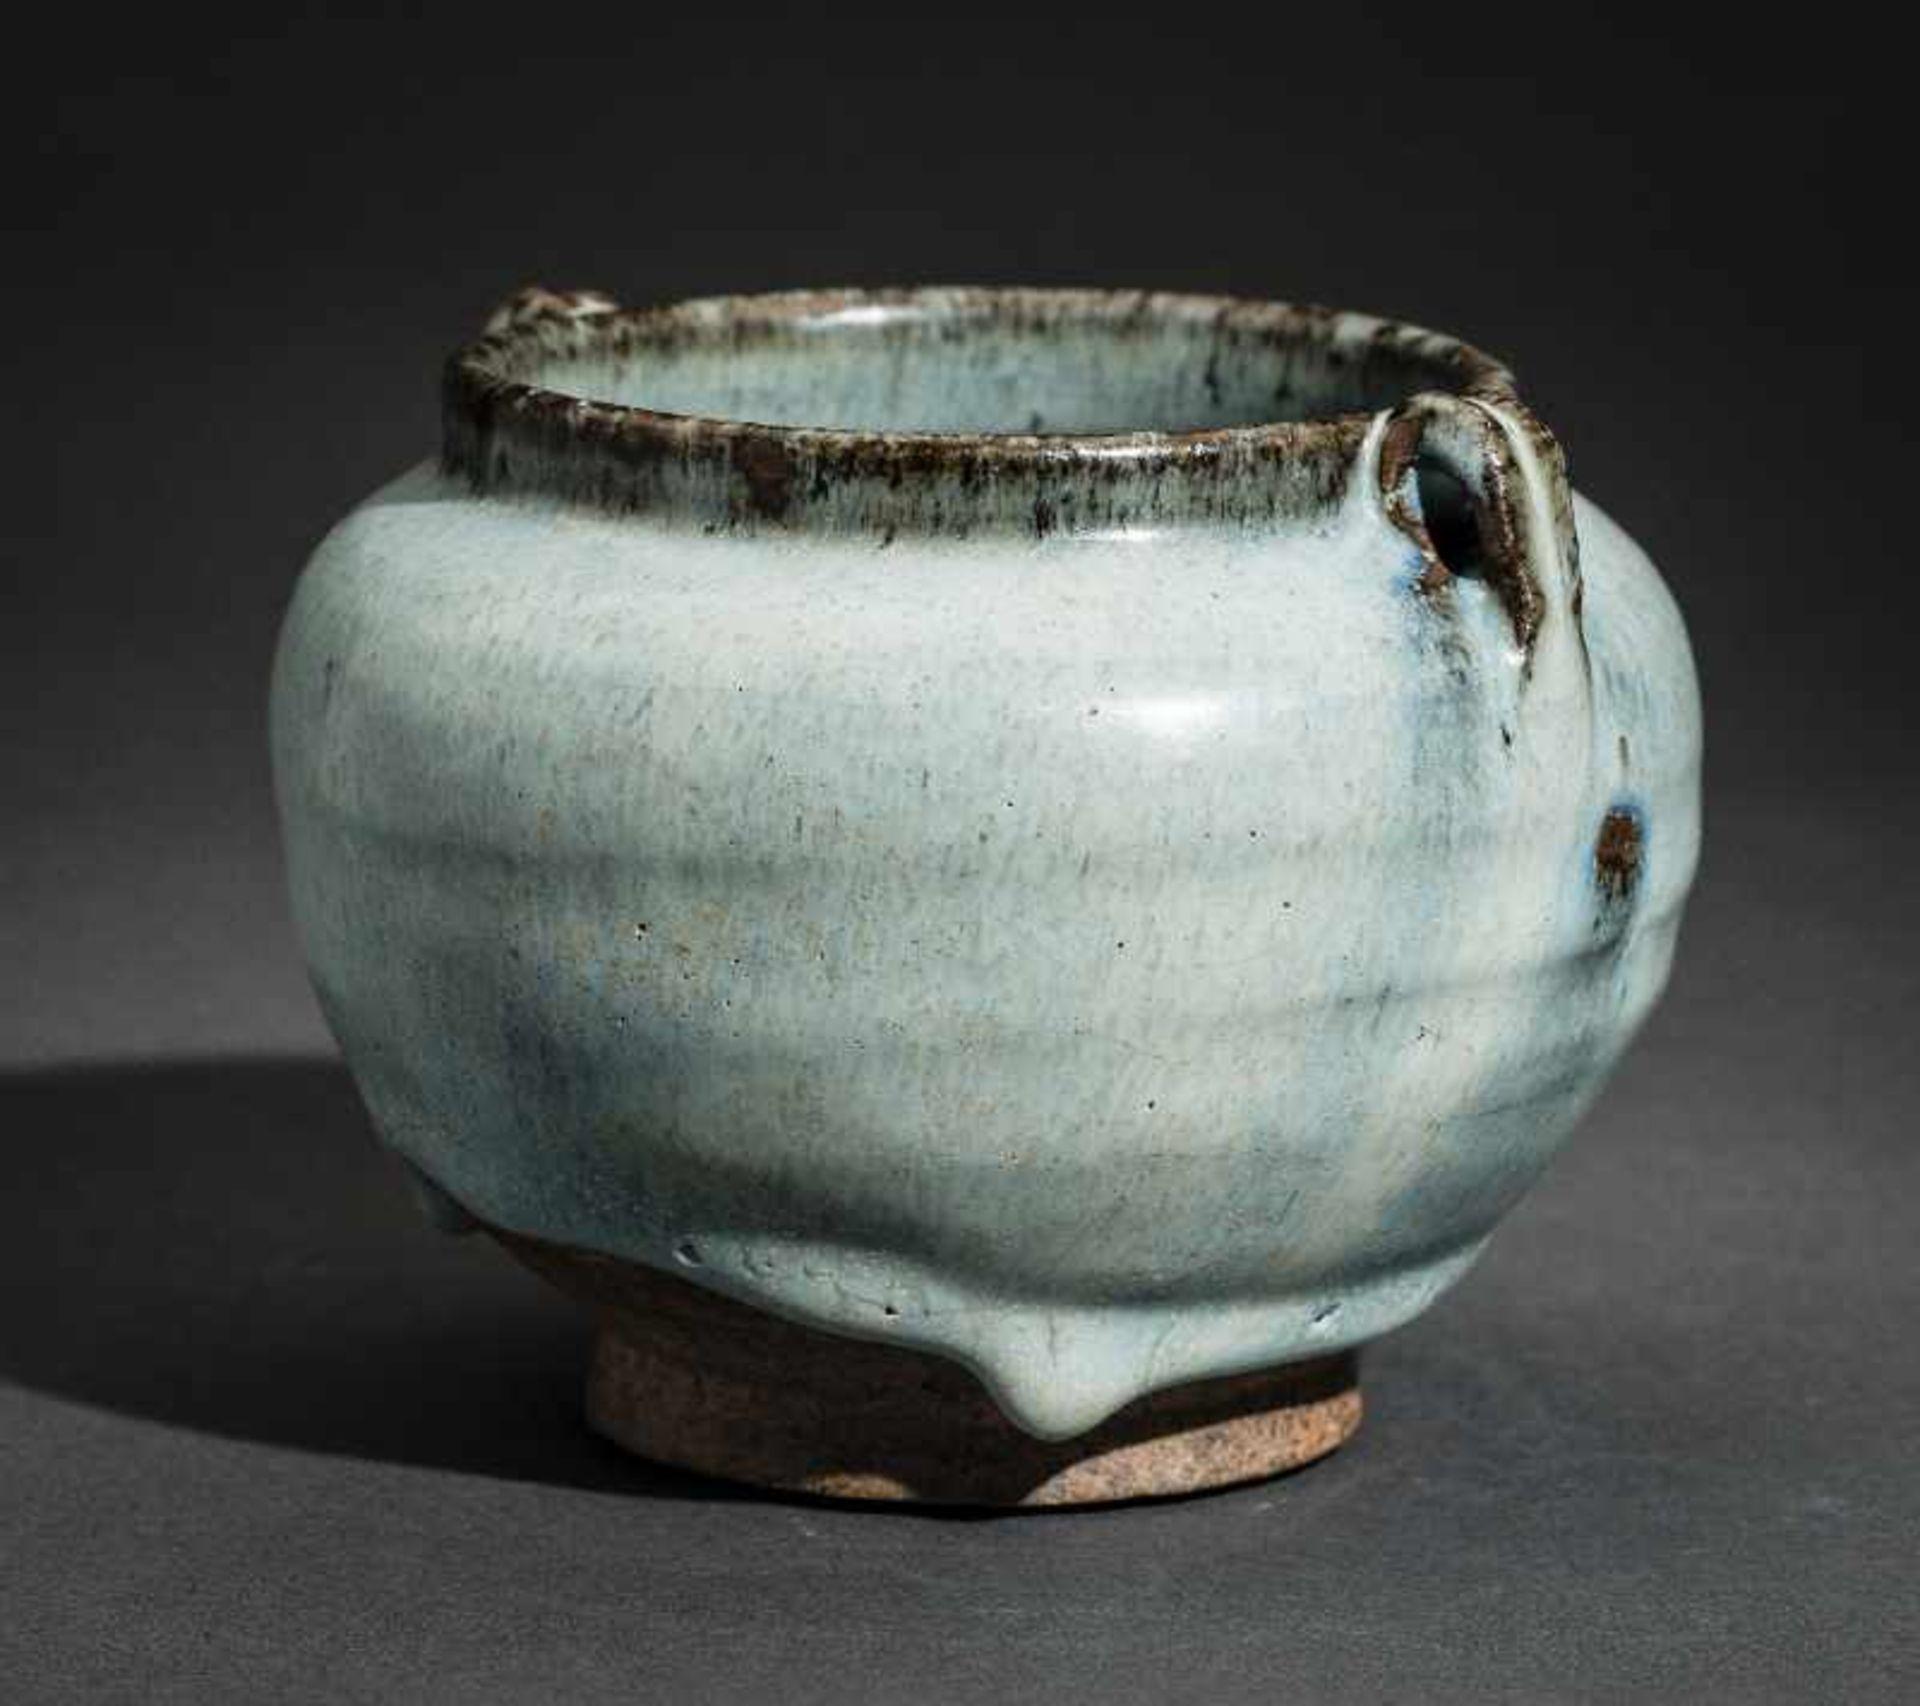 SCHULTERTOPF JUNYAO Glasierte Keramik. China, Yuan bis Ming, ca. 14. bis 15. Jh. Sehr - Image 4 of 8